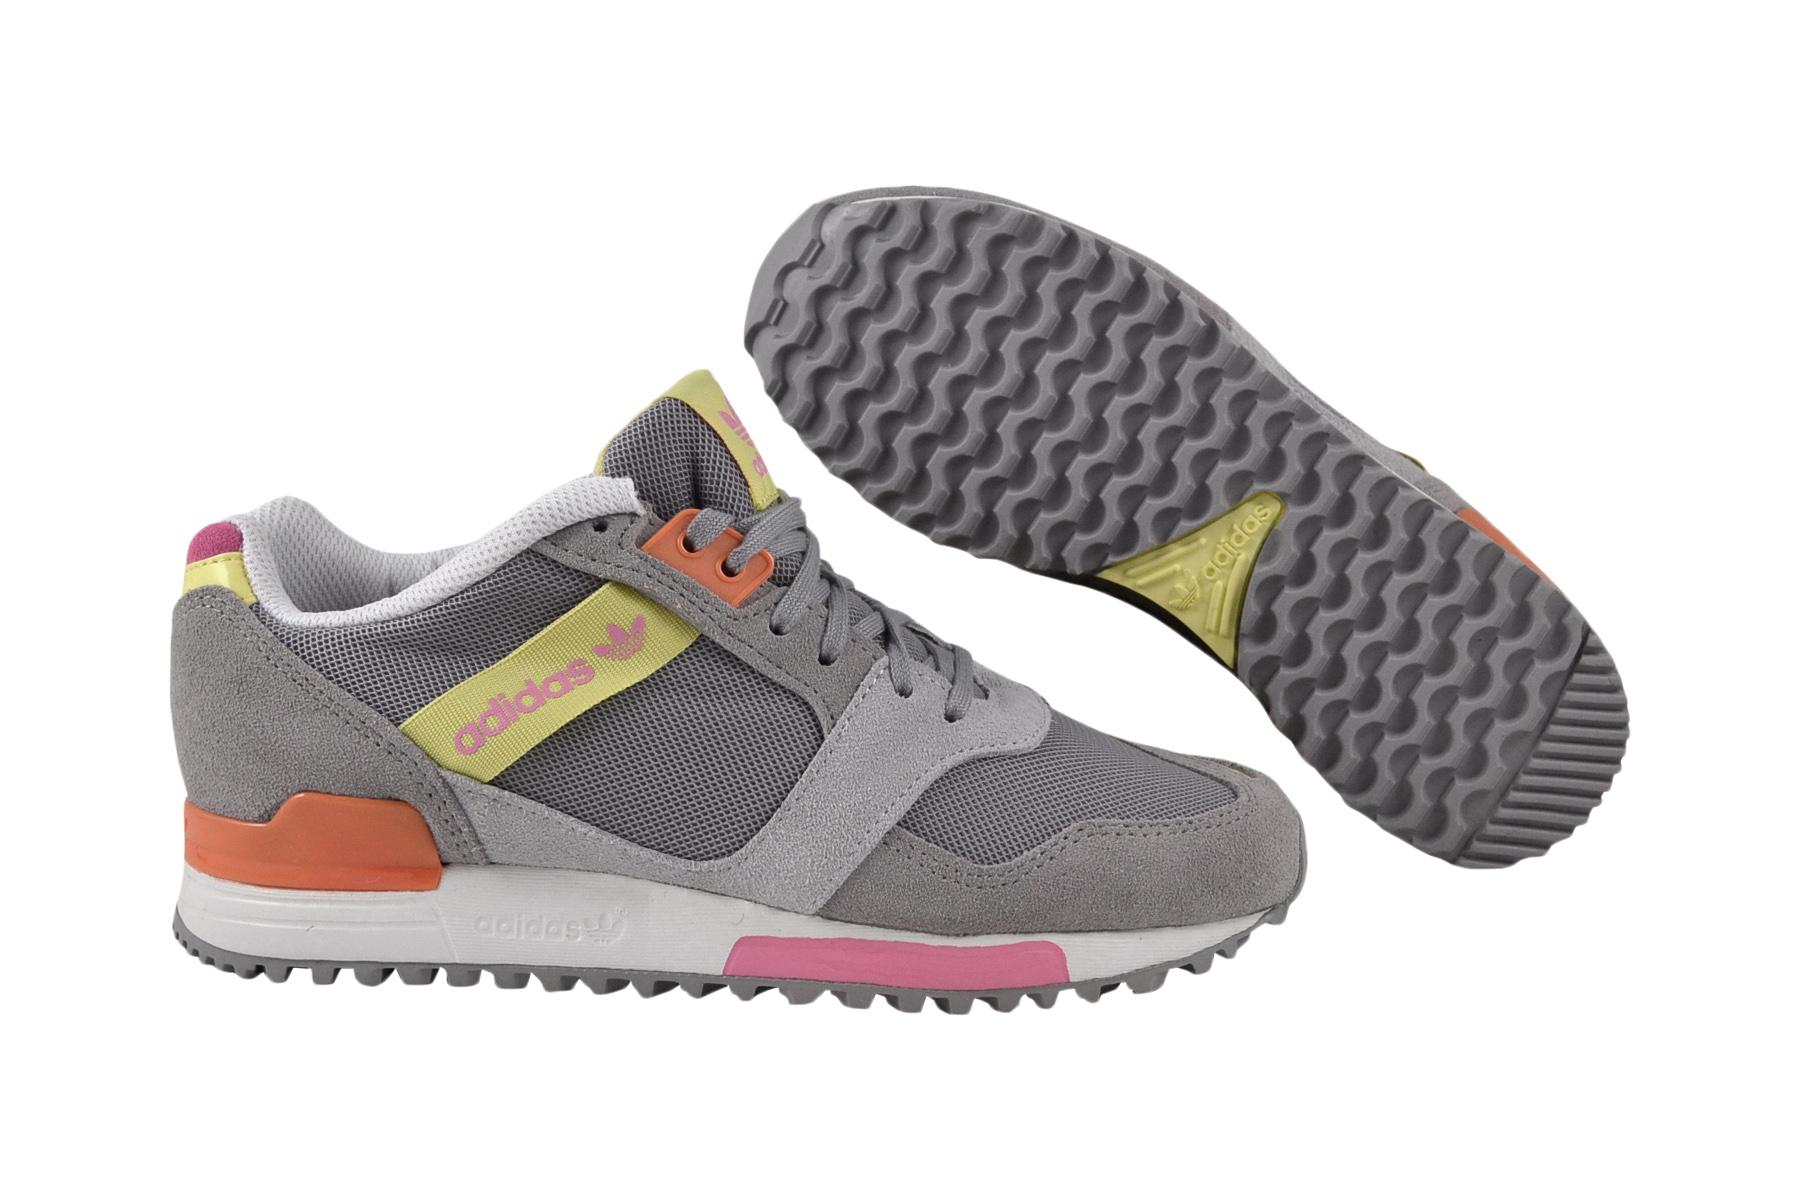 Adidas ZX 700 Contemp grau gelb Turnschuhe Schuhe  Ausgezeichnete Qualität